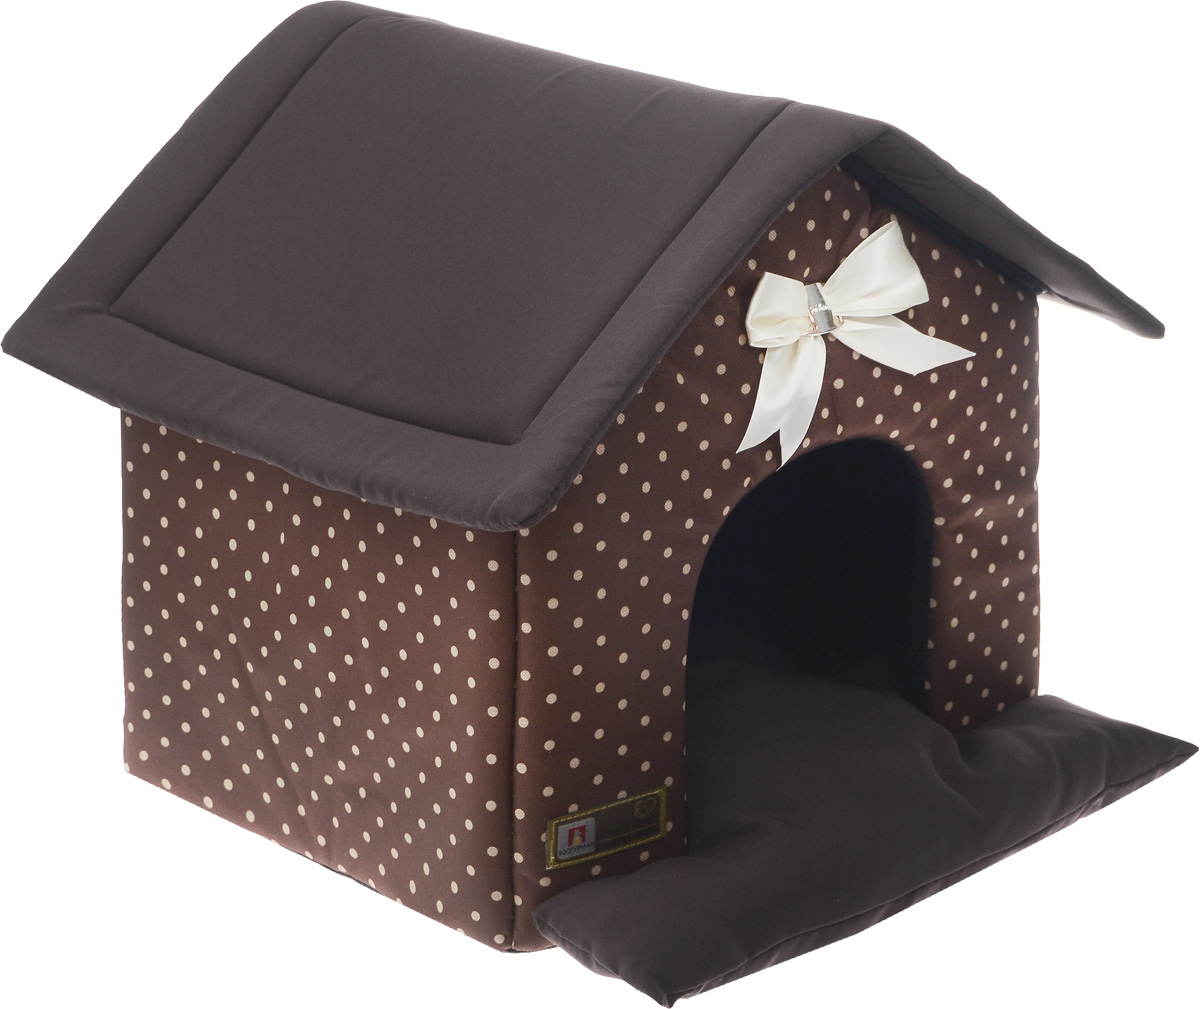 Лежак для собак и кошек Зоогурман Ампир. Горох, 45 х 40 х 45 см2137_шоколадный, бежевый горохМягкий и уютный лежак для кошек и собак Зоогурман Ампир. Горох обязательно понравится вашему питомцу. Лежак выполнен из плотного, приятного материала. Внутри - мягкий наполнитель, который не теряет своей формы долгое время. Лежак представляет собой домик со съемной крышей и съемным внутренним матрасиком. Над главным входом красивый бант. Закрытый лежак в виде домика обеспечит вашему любимцу уют и комфорт. За изделием легко ухаживать, можно стирать вручную или в стиральной машине при температуре 40°С.Внутренний размер лежака (ДхШхВ): 34 х 40 х 40 см. Уважаемые клиенты!Обращаем ваше внимание на возможные изменения в цвете некоторых деталей товара. Поставка осуществляется в зависимости от наличия на складе.